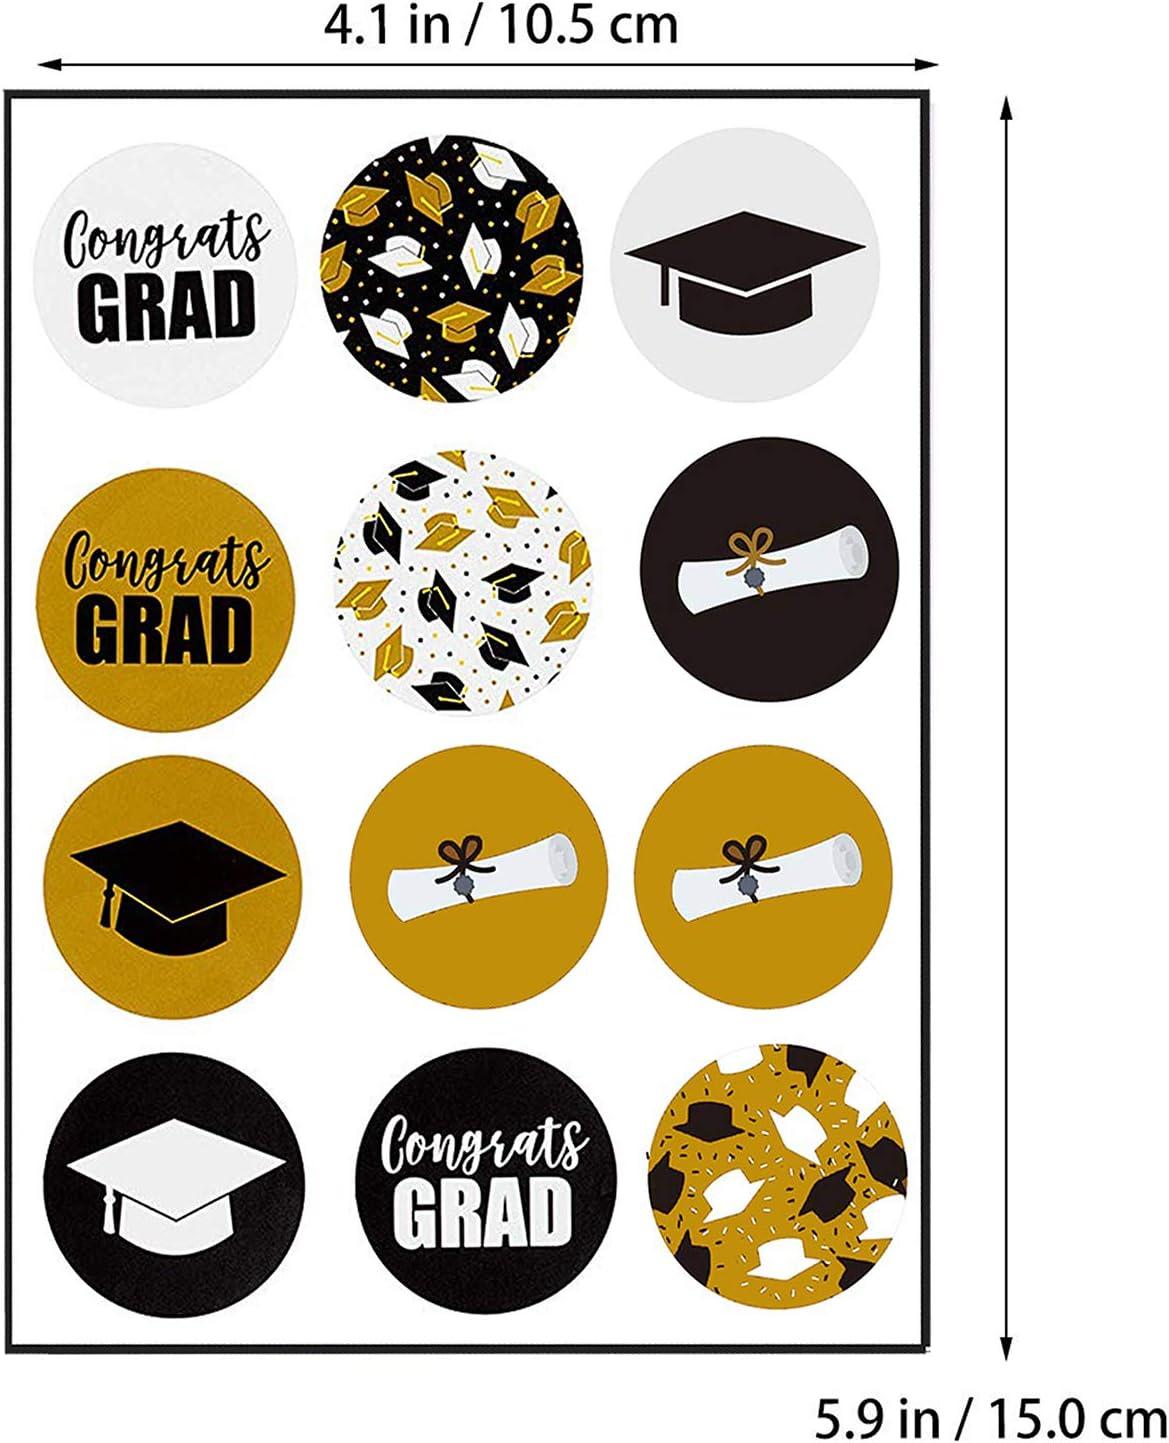 JoyTplay Pegatinas de Graduaci/ón,120Piezas Congrats Grads Estampado Sellado Rollo calcoman/ías para el sobre del Certificado Fiesta de graduaci/ón decoraci/ón